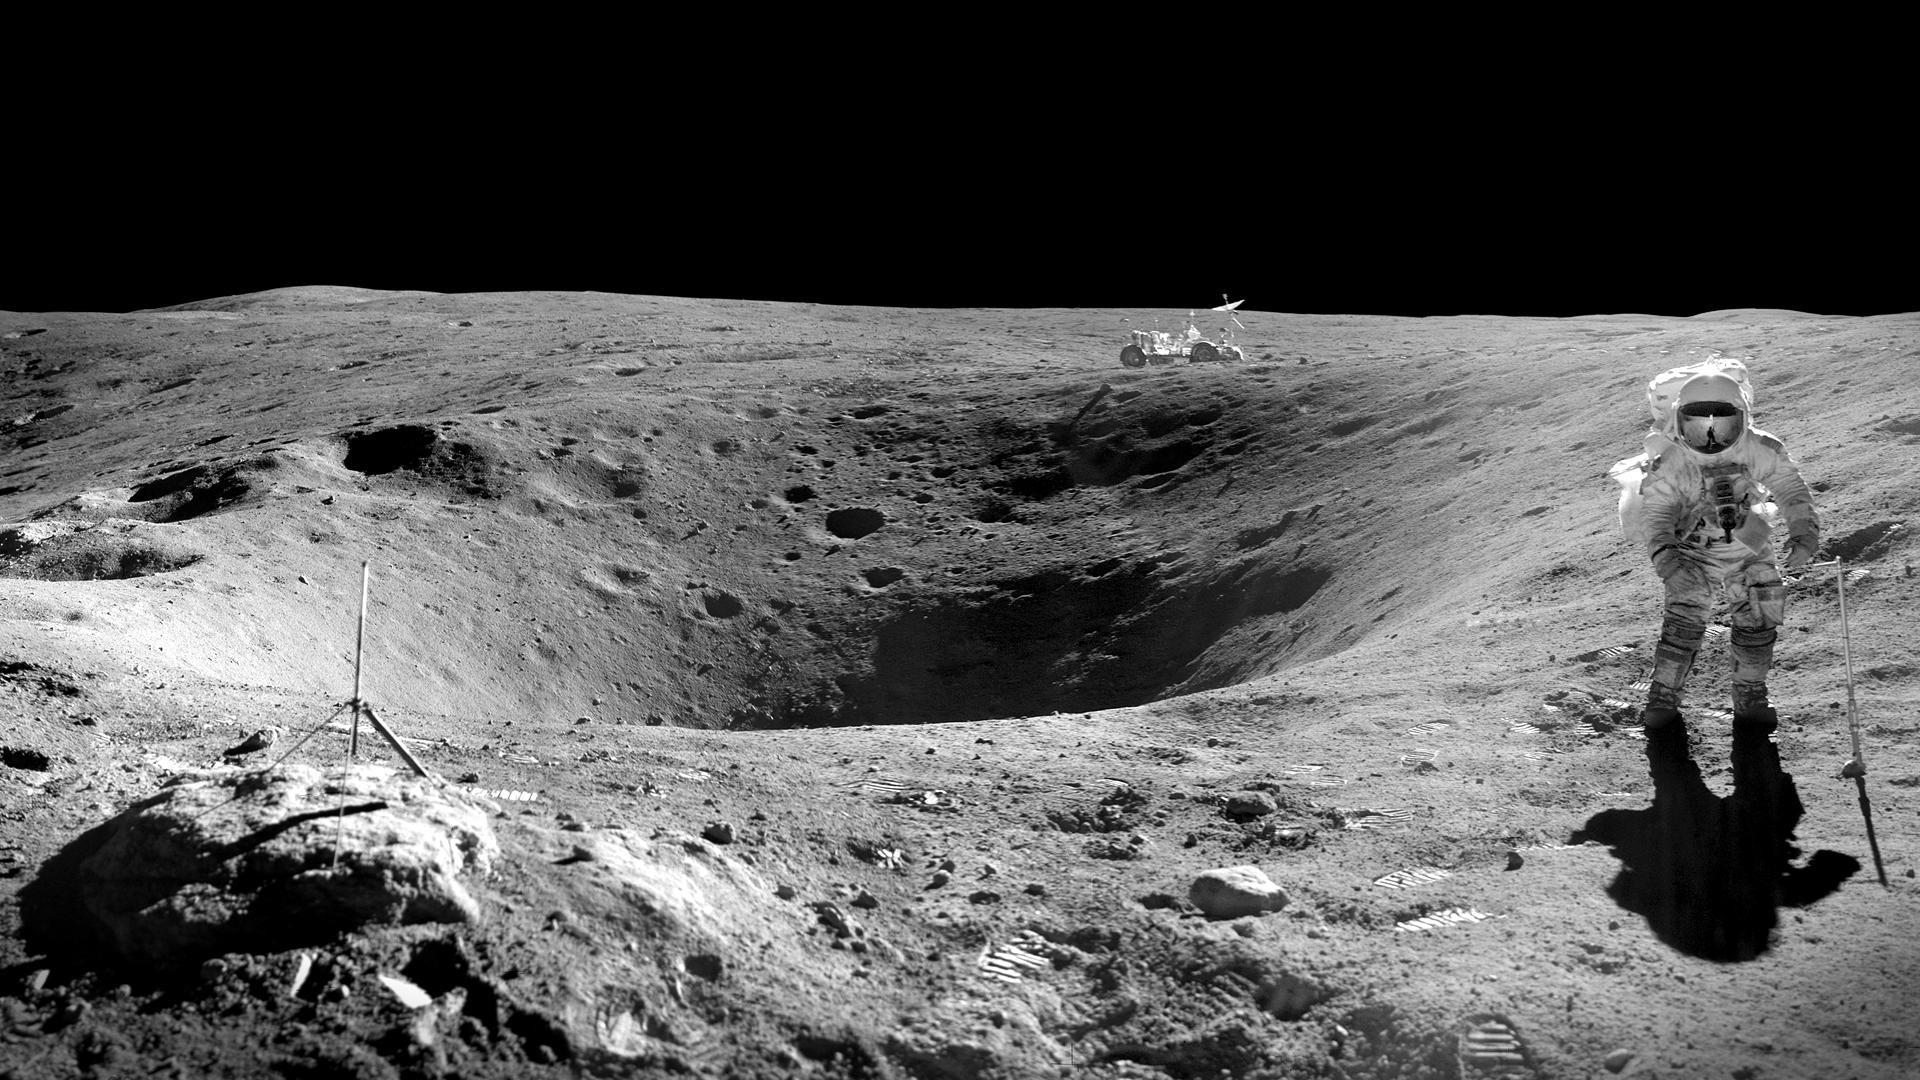 регулируются упорным жизнь на луне фото наса вернулась